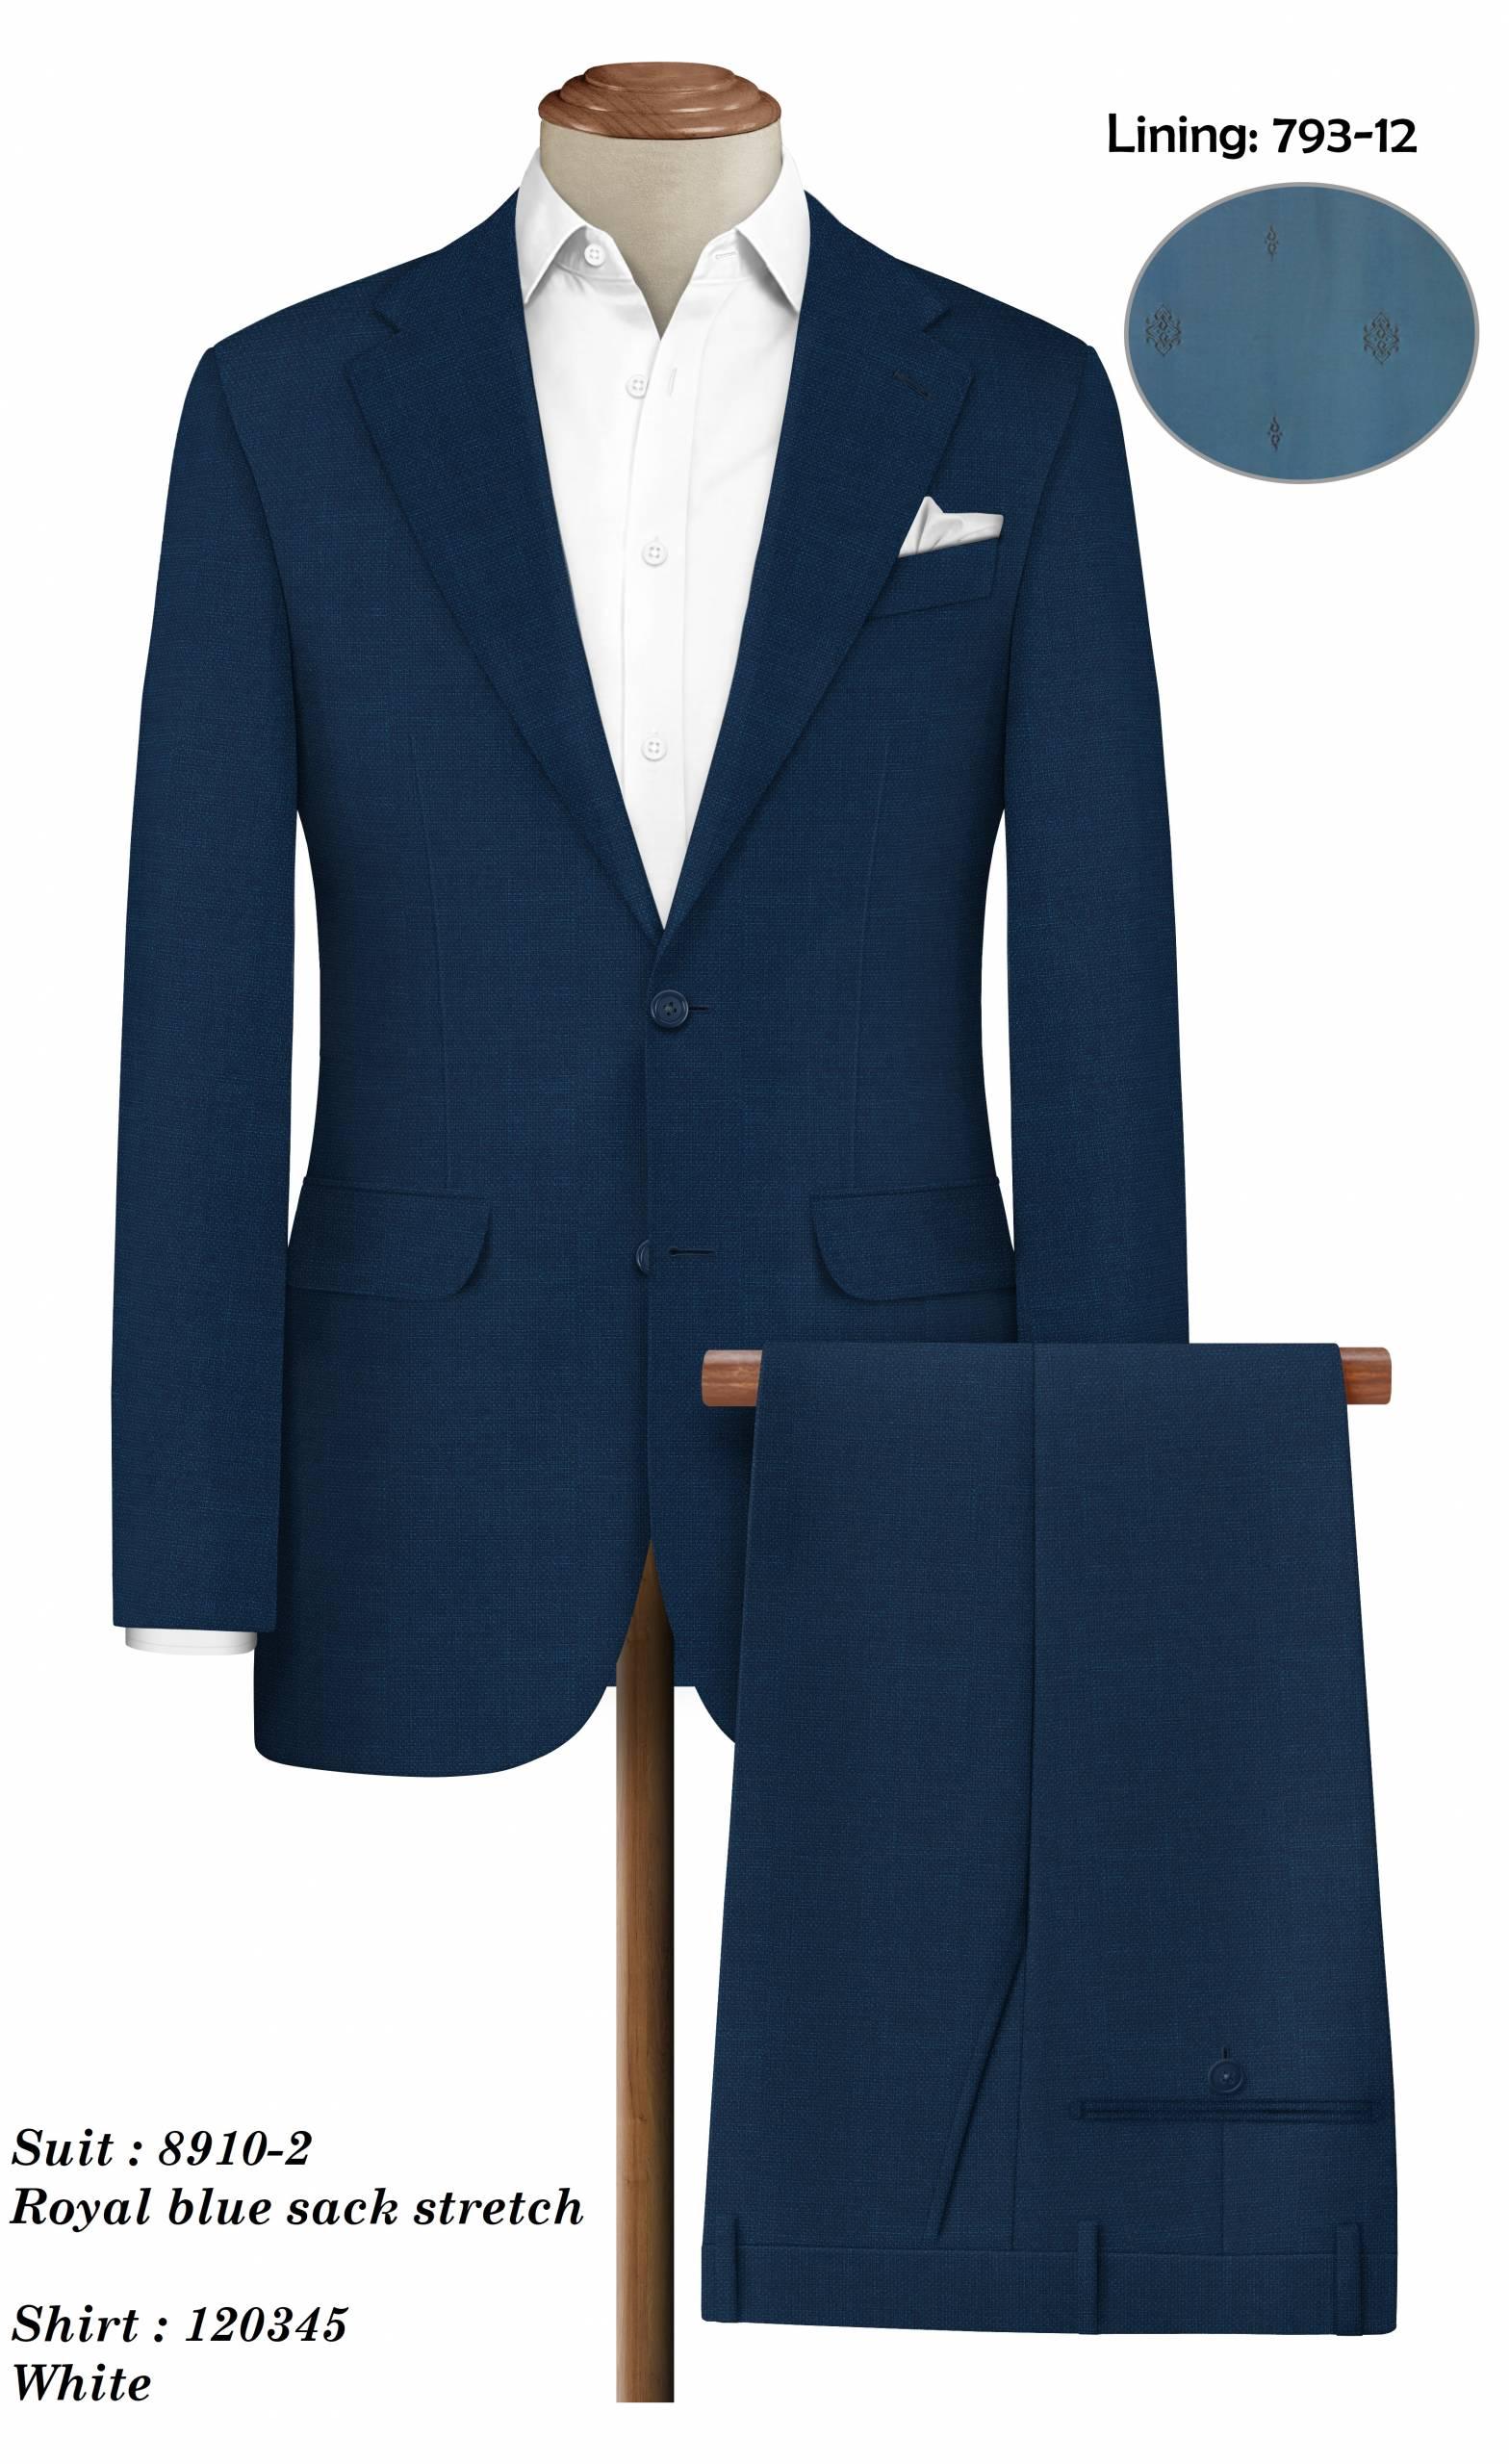 (15) 8910-2_suit